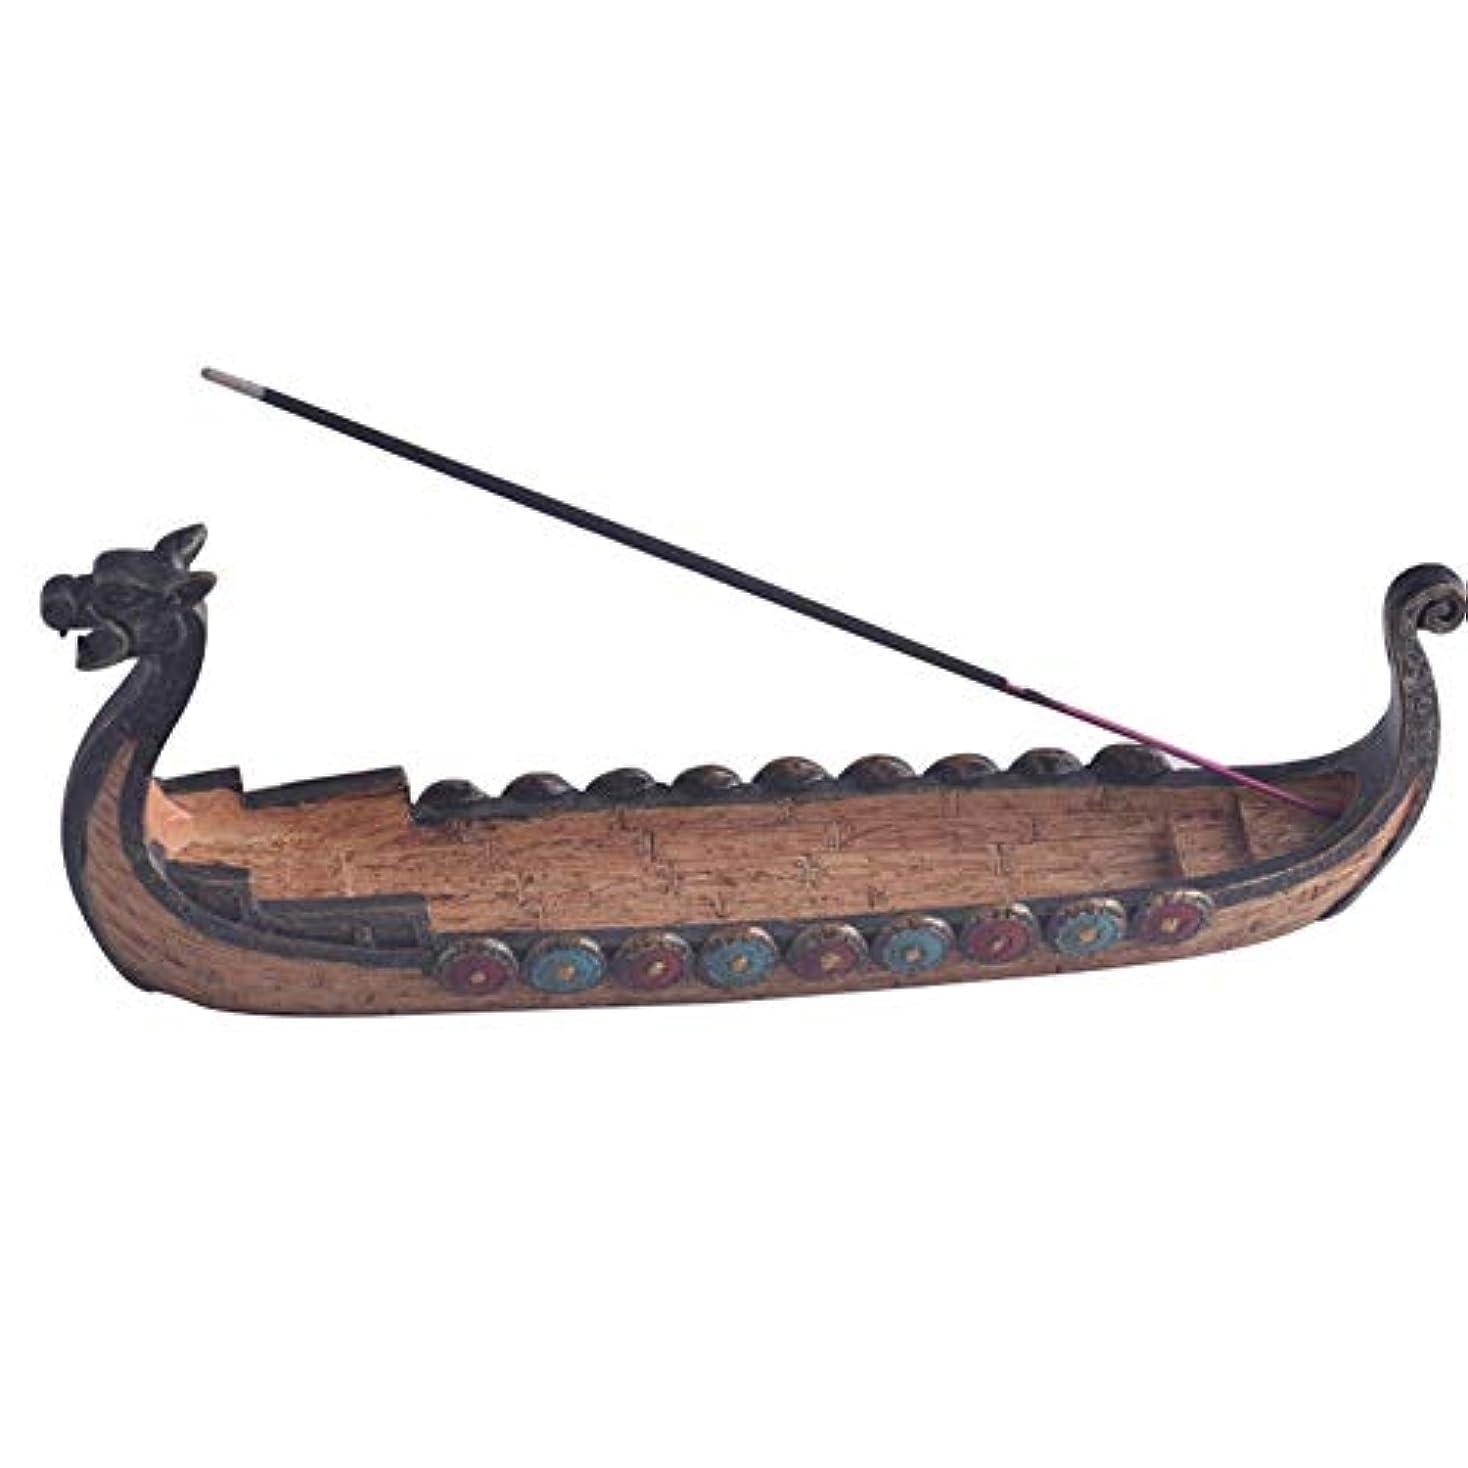 戻る提供された周りCoolTack スティック香中国の伝統的な家の装飾のためのドラゴンボート型香炉